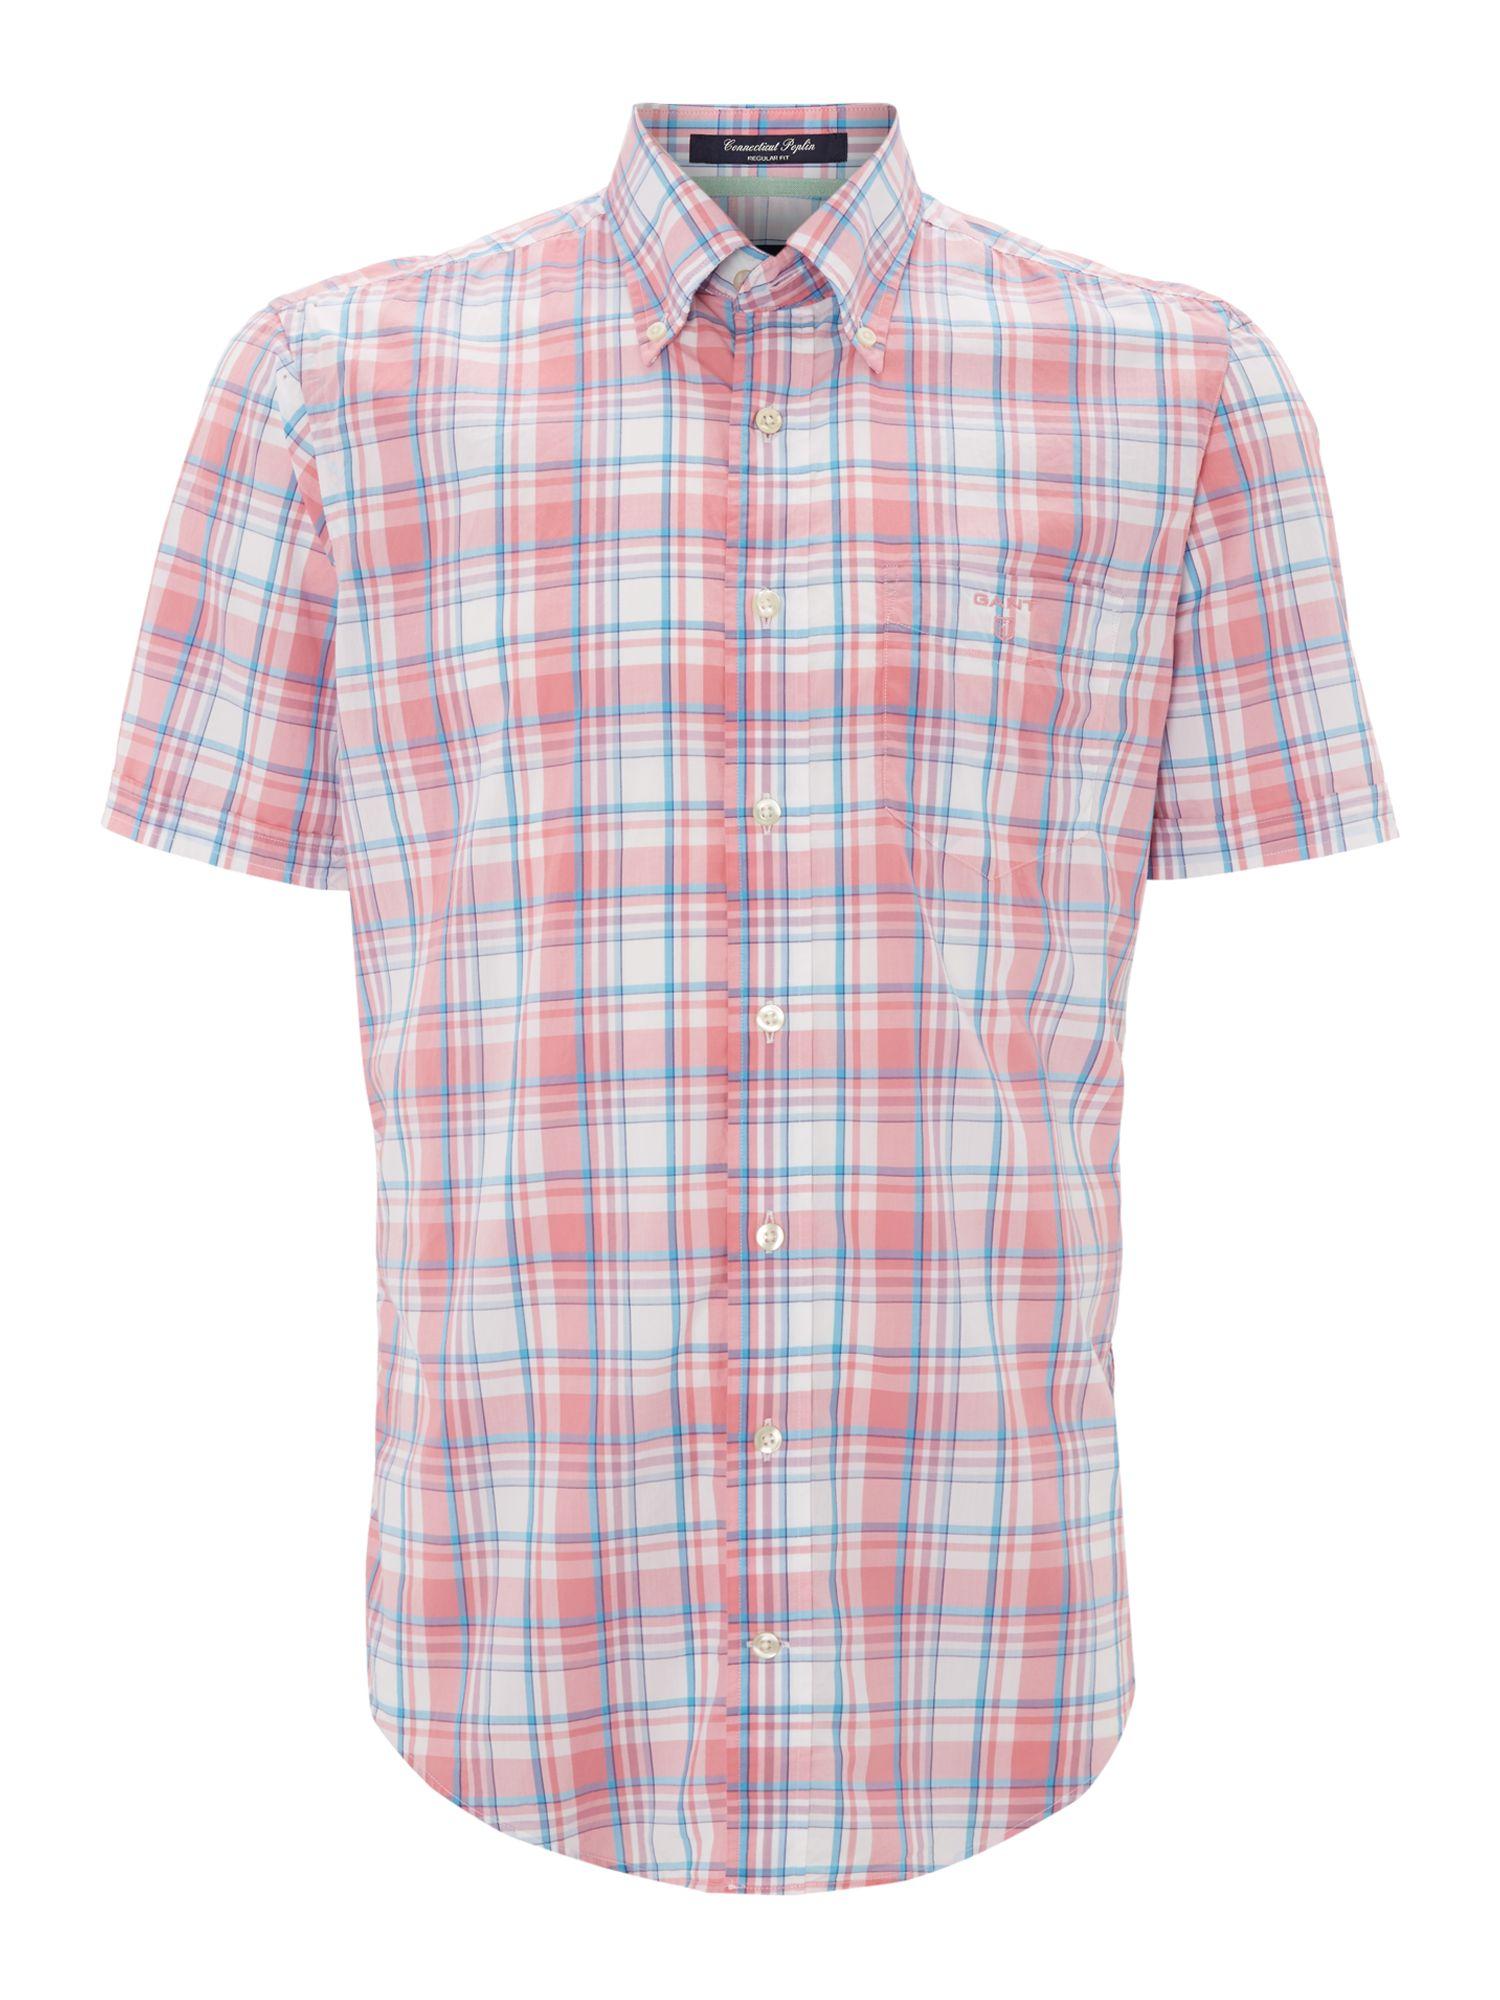 Gant Short Sleeve Poplin Check Shirt In Pink For Men